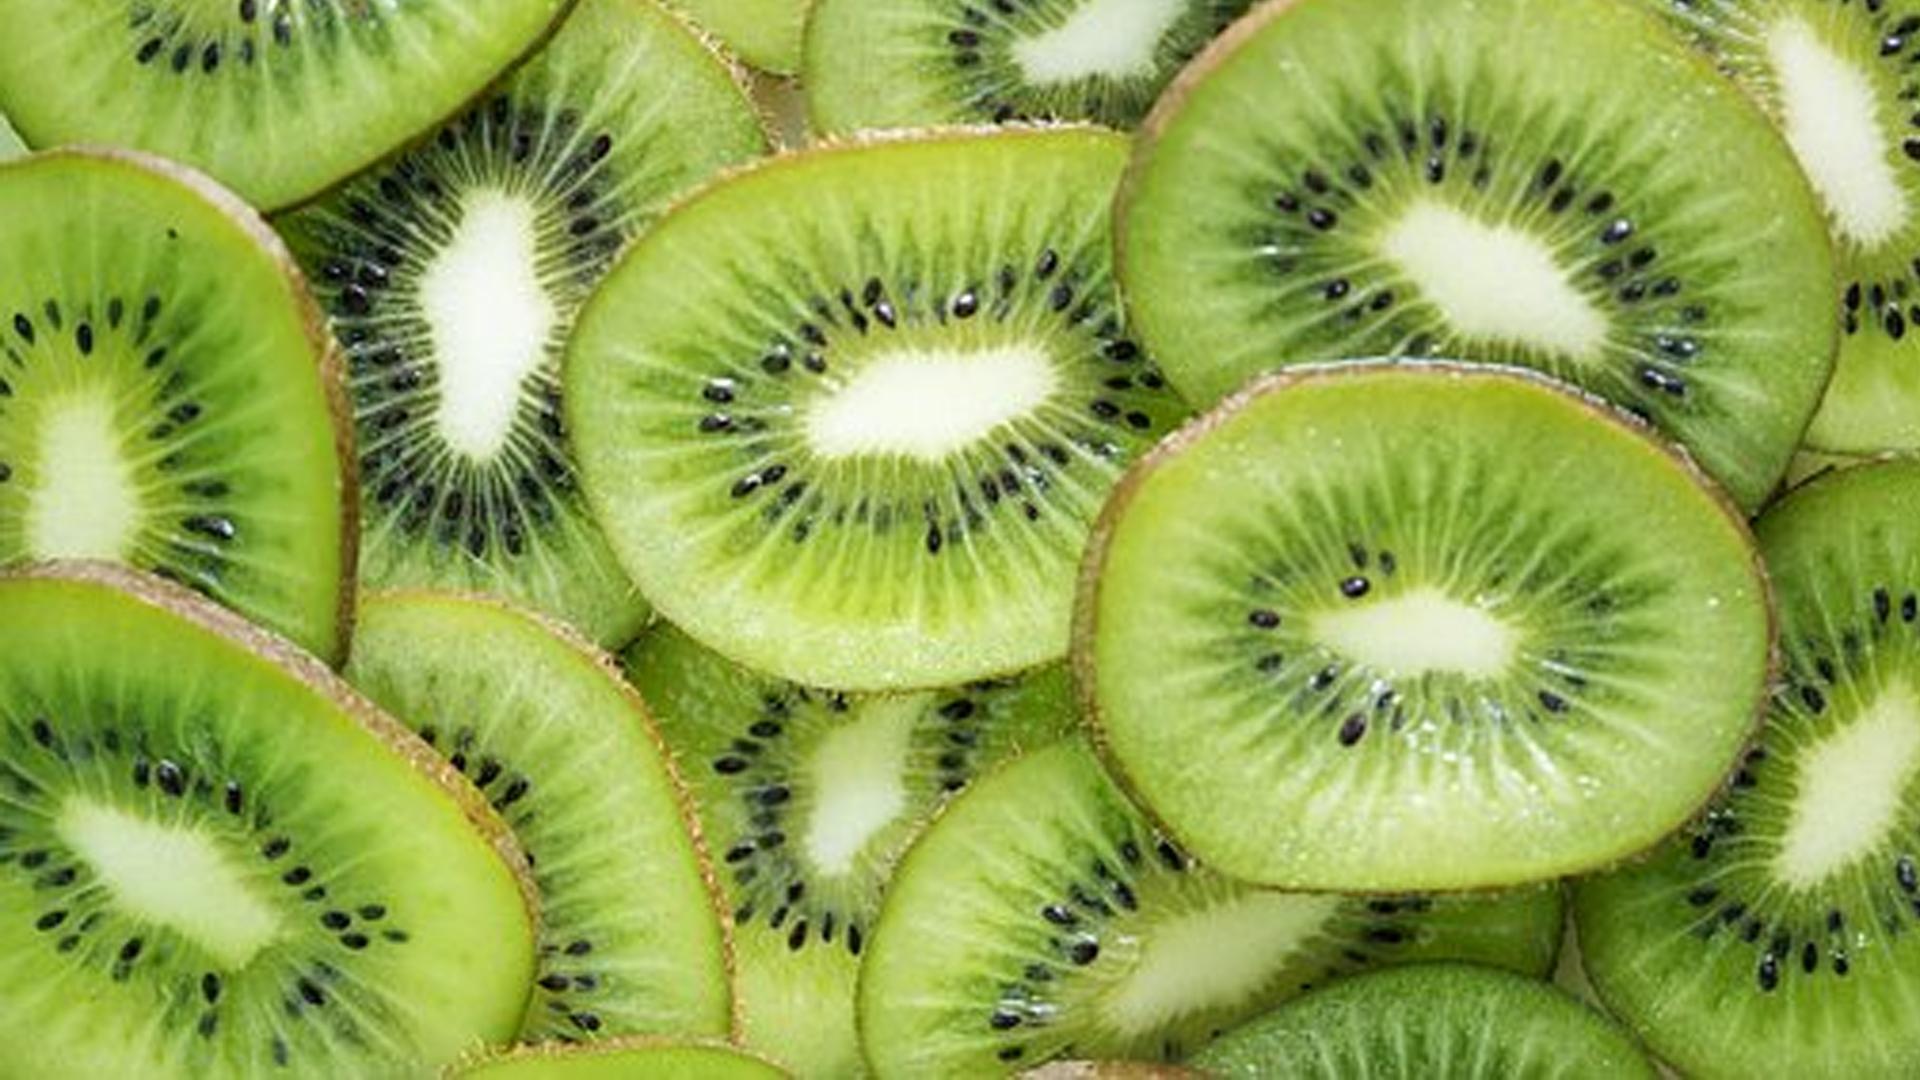 Kiwibeere: So gesund ist die Mini-Kiwi wirklich